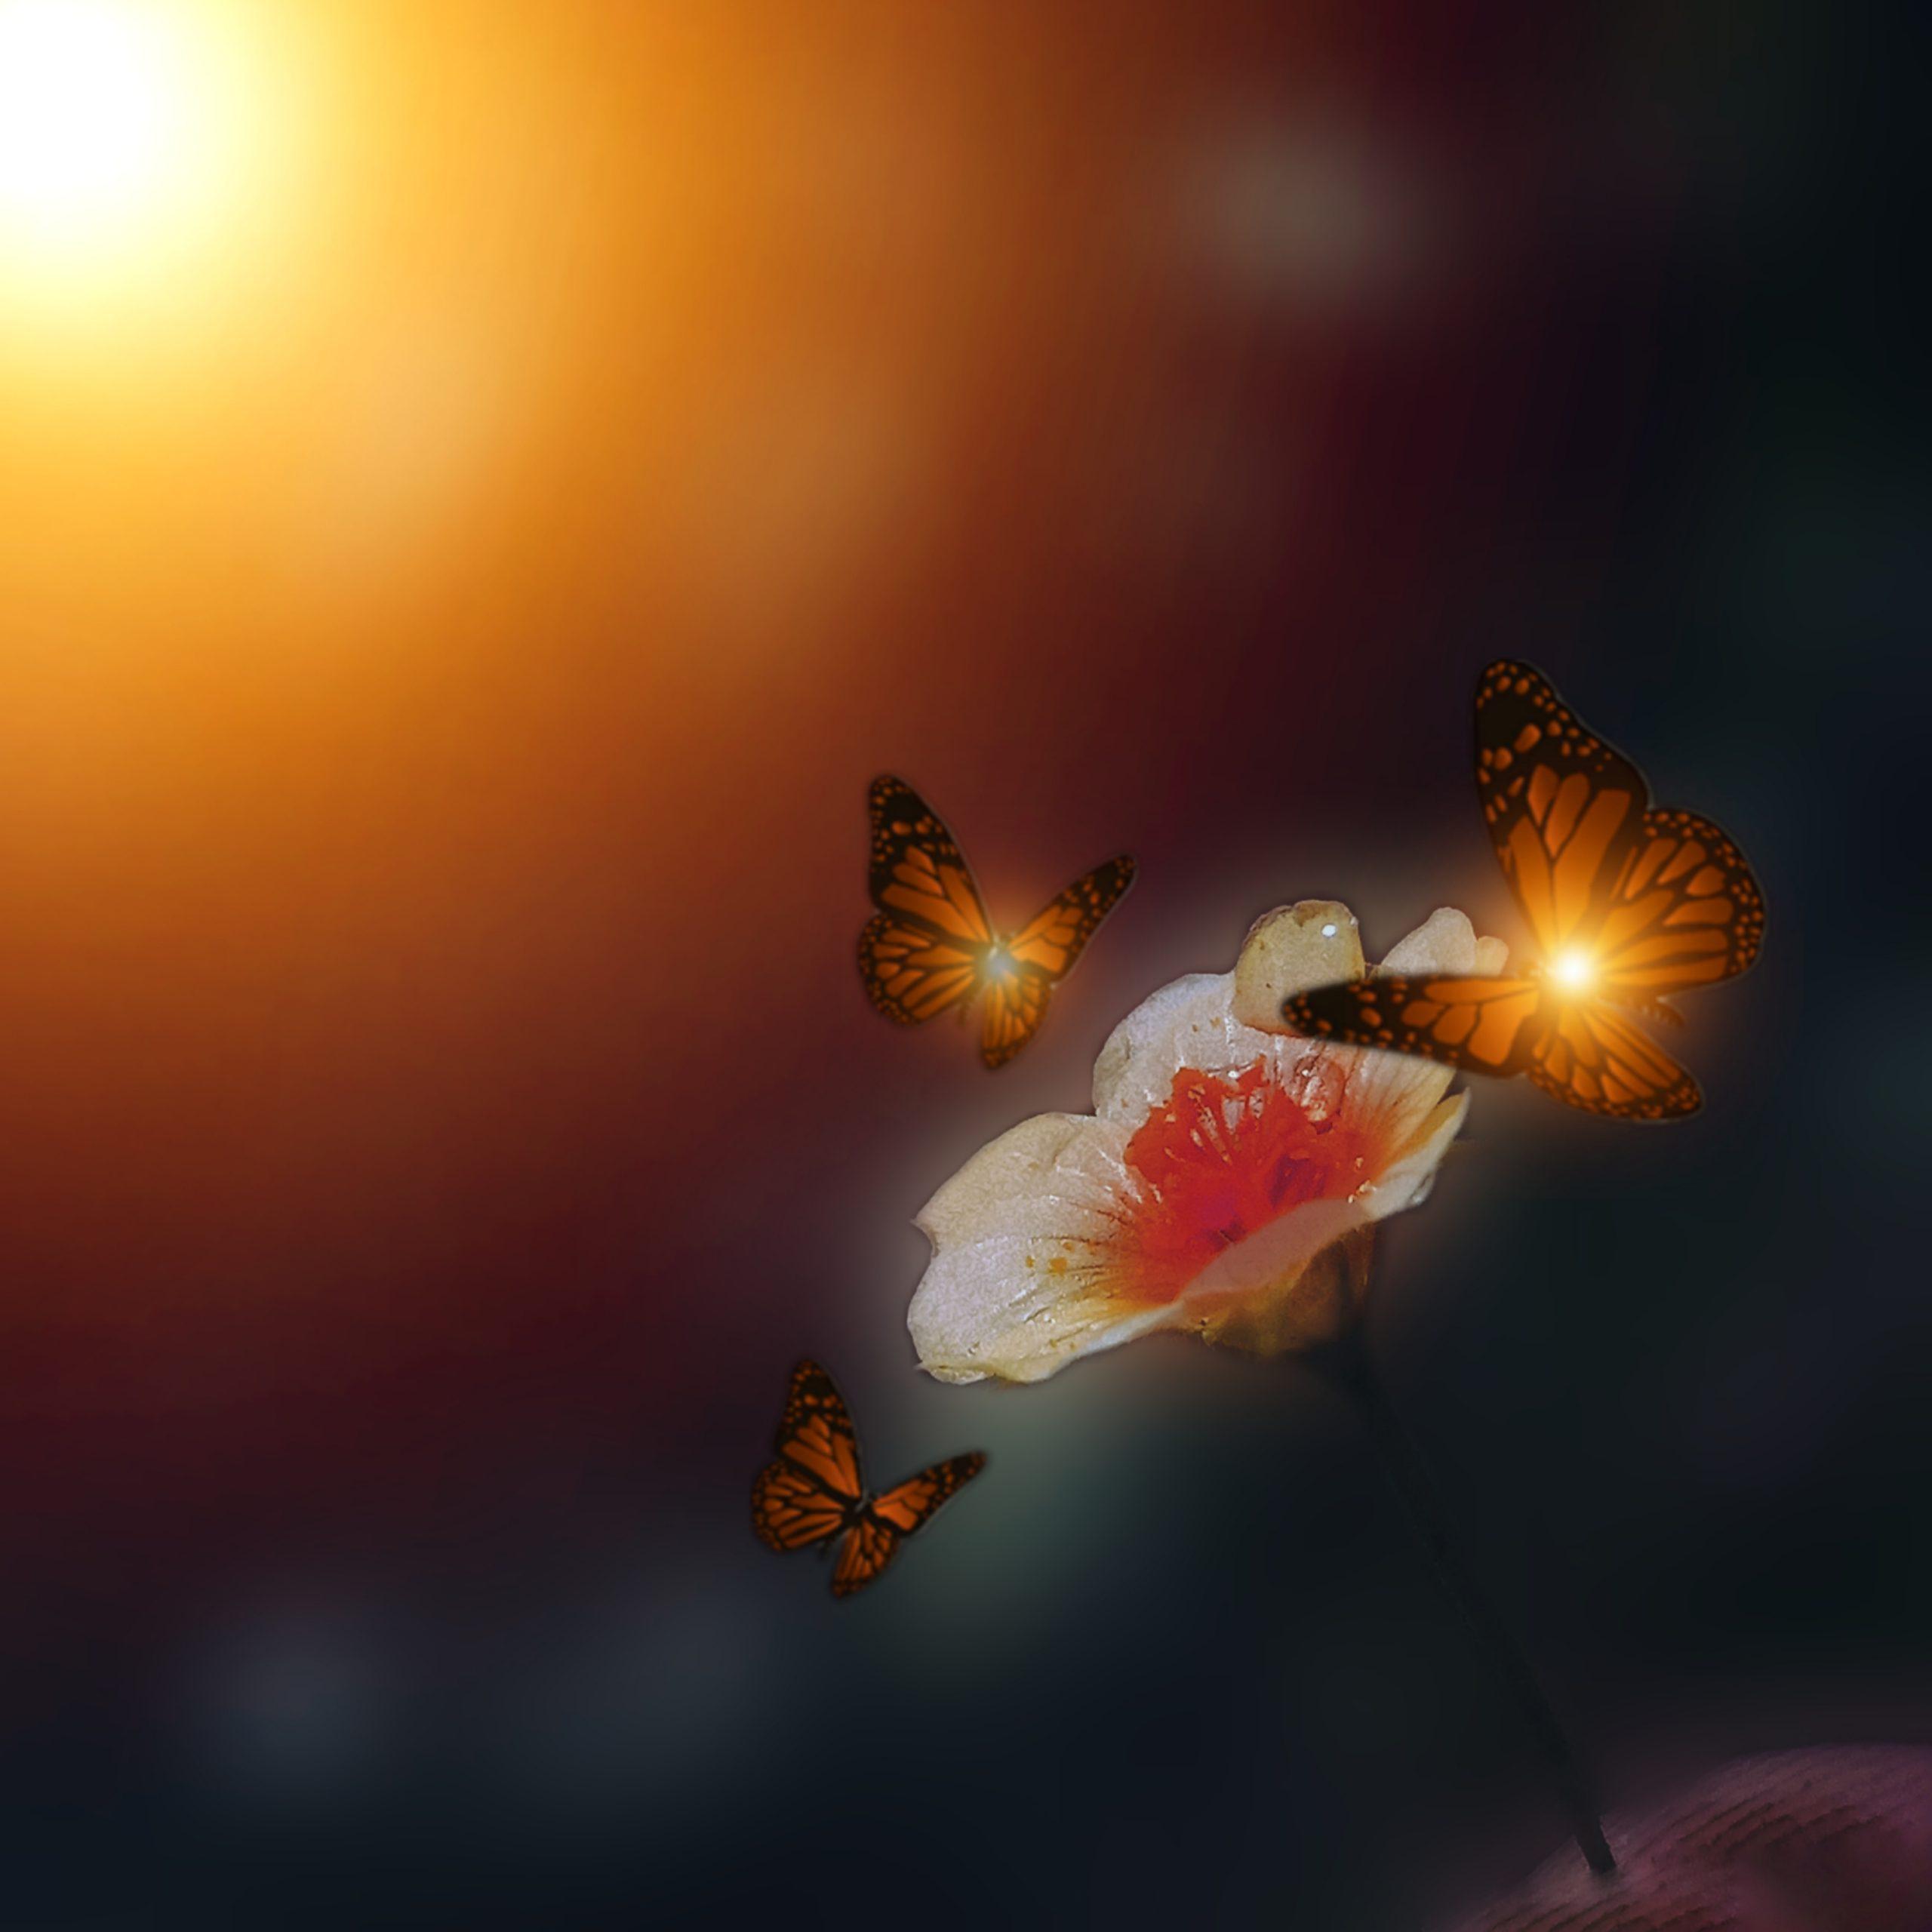 Butterflies around a flower